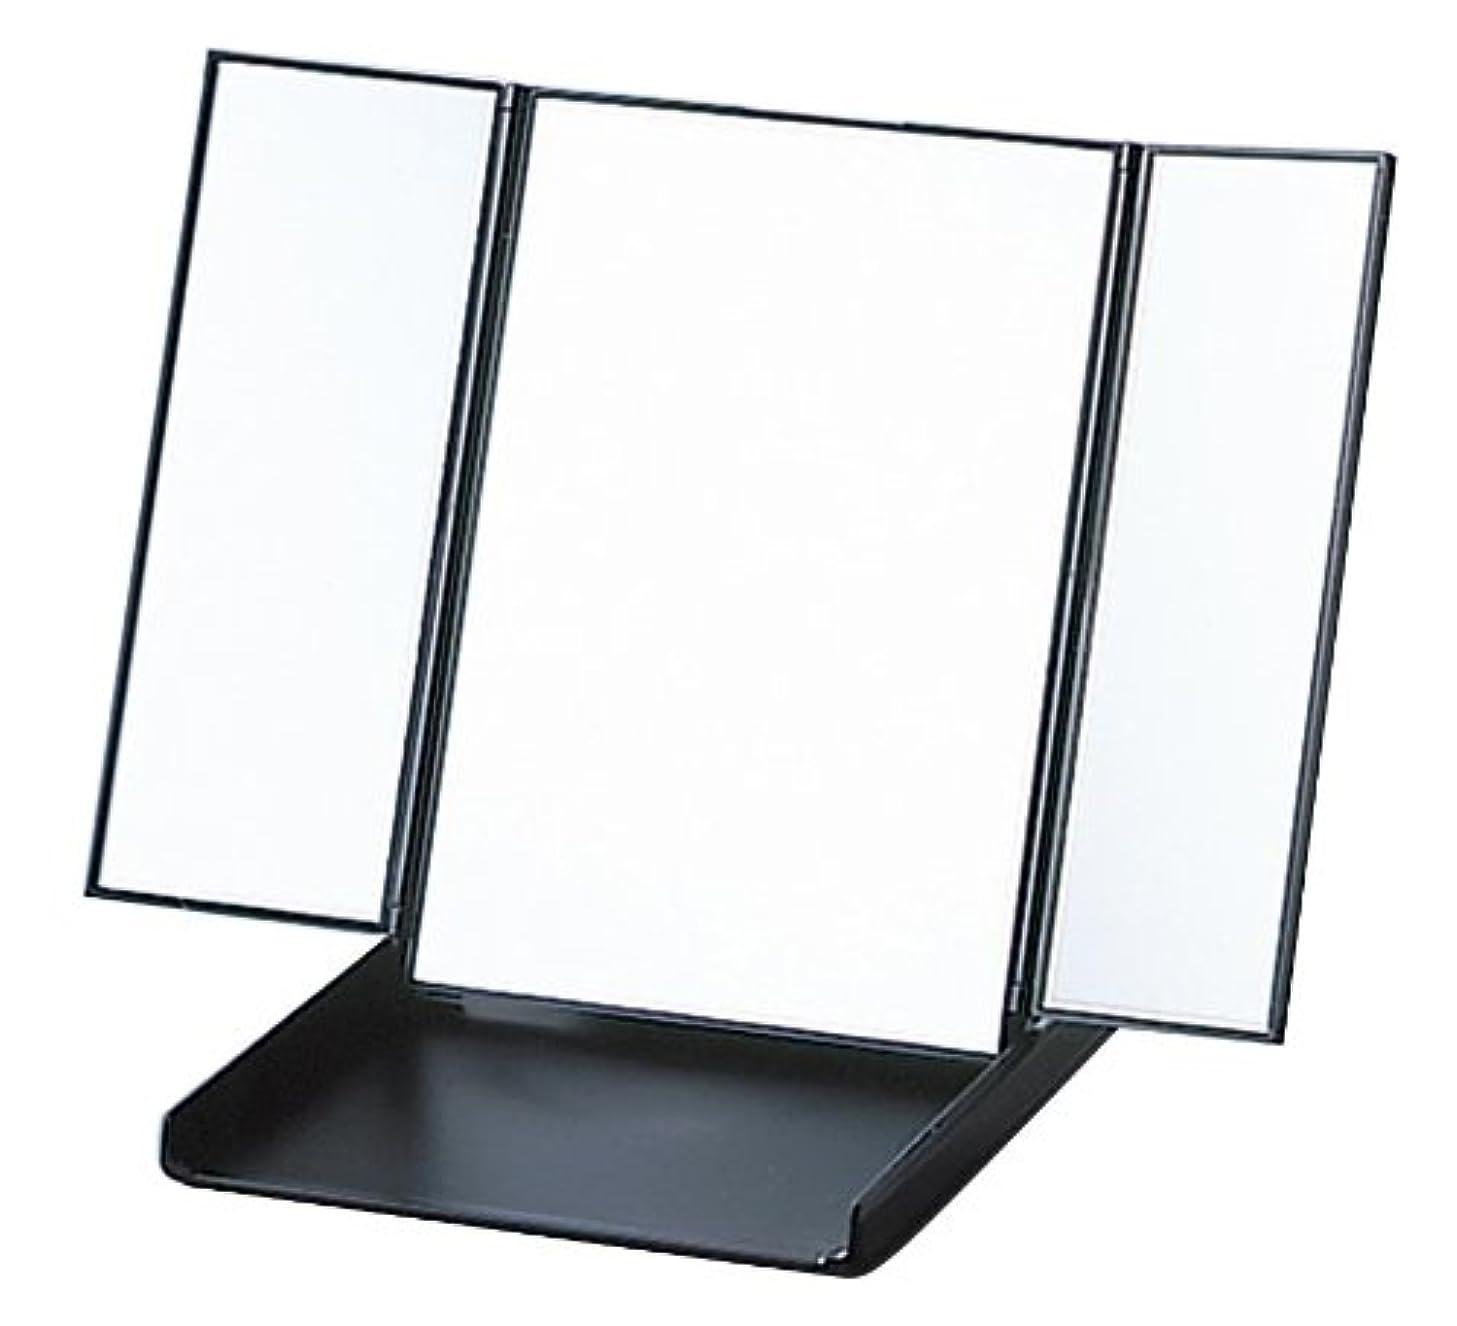 相対性理論獣食堂三面コンパクト ビブレウィングミラー ブラック Y-1573